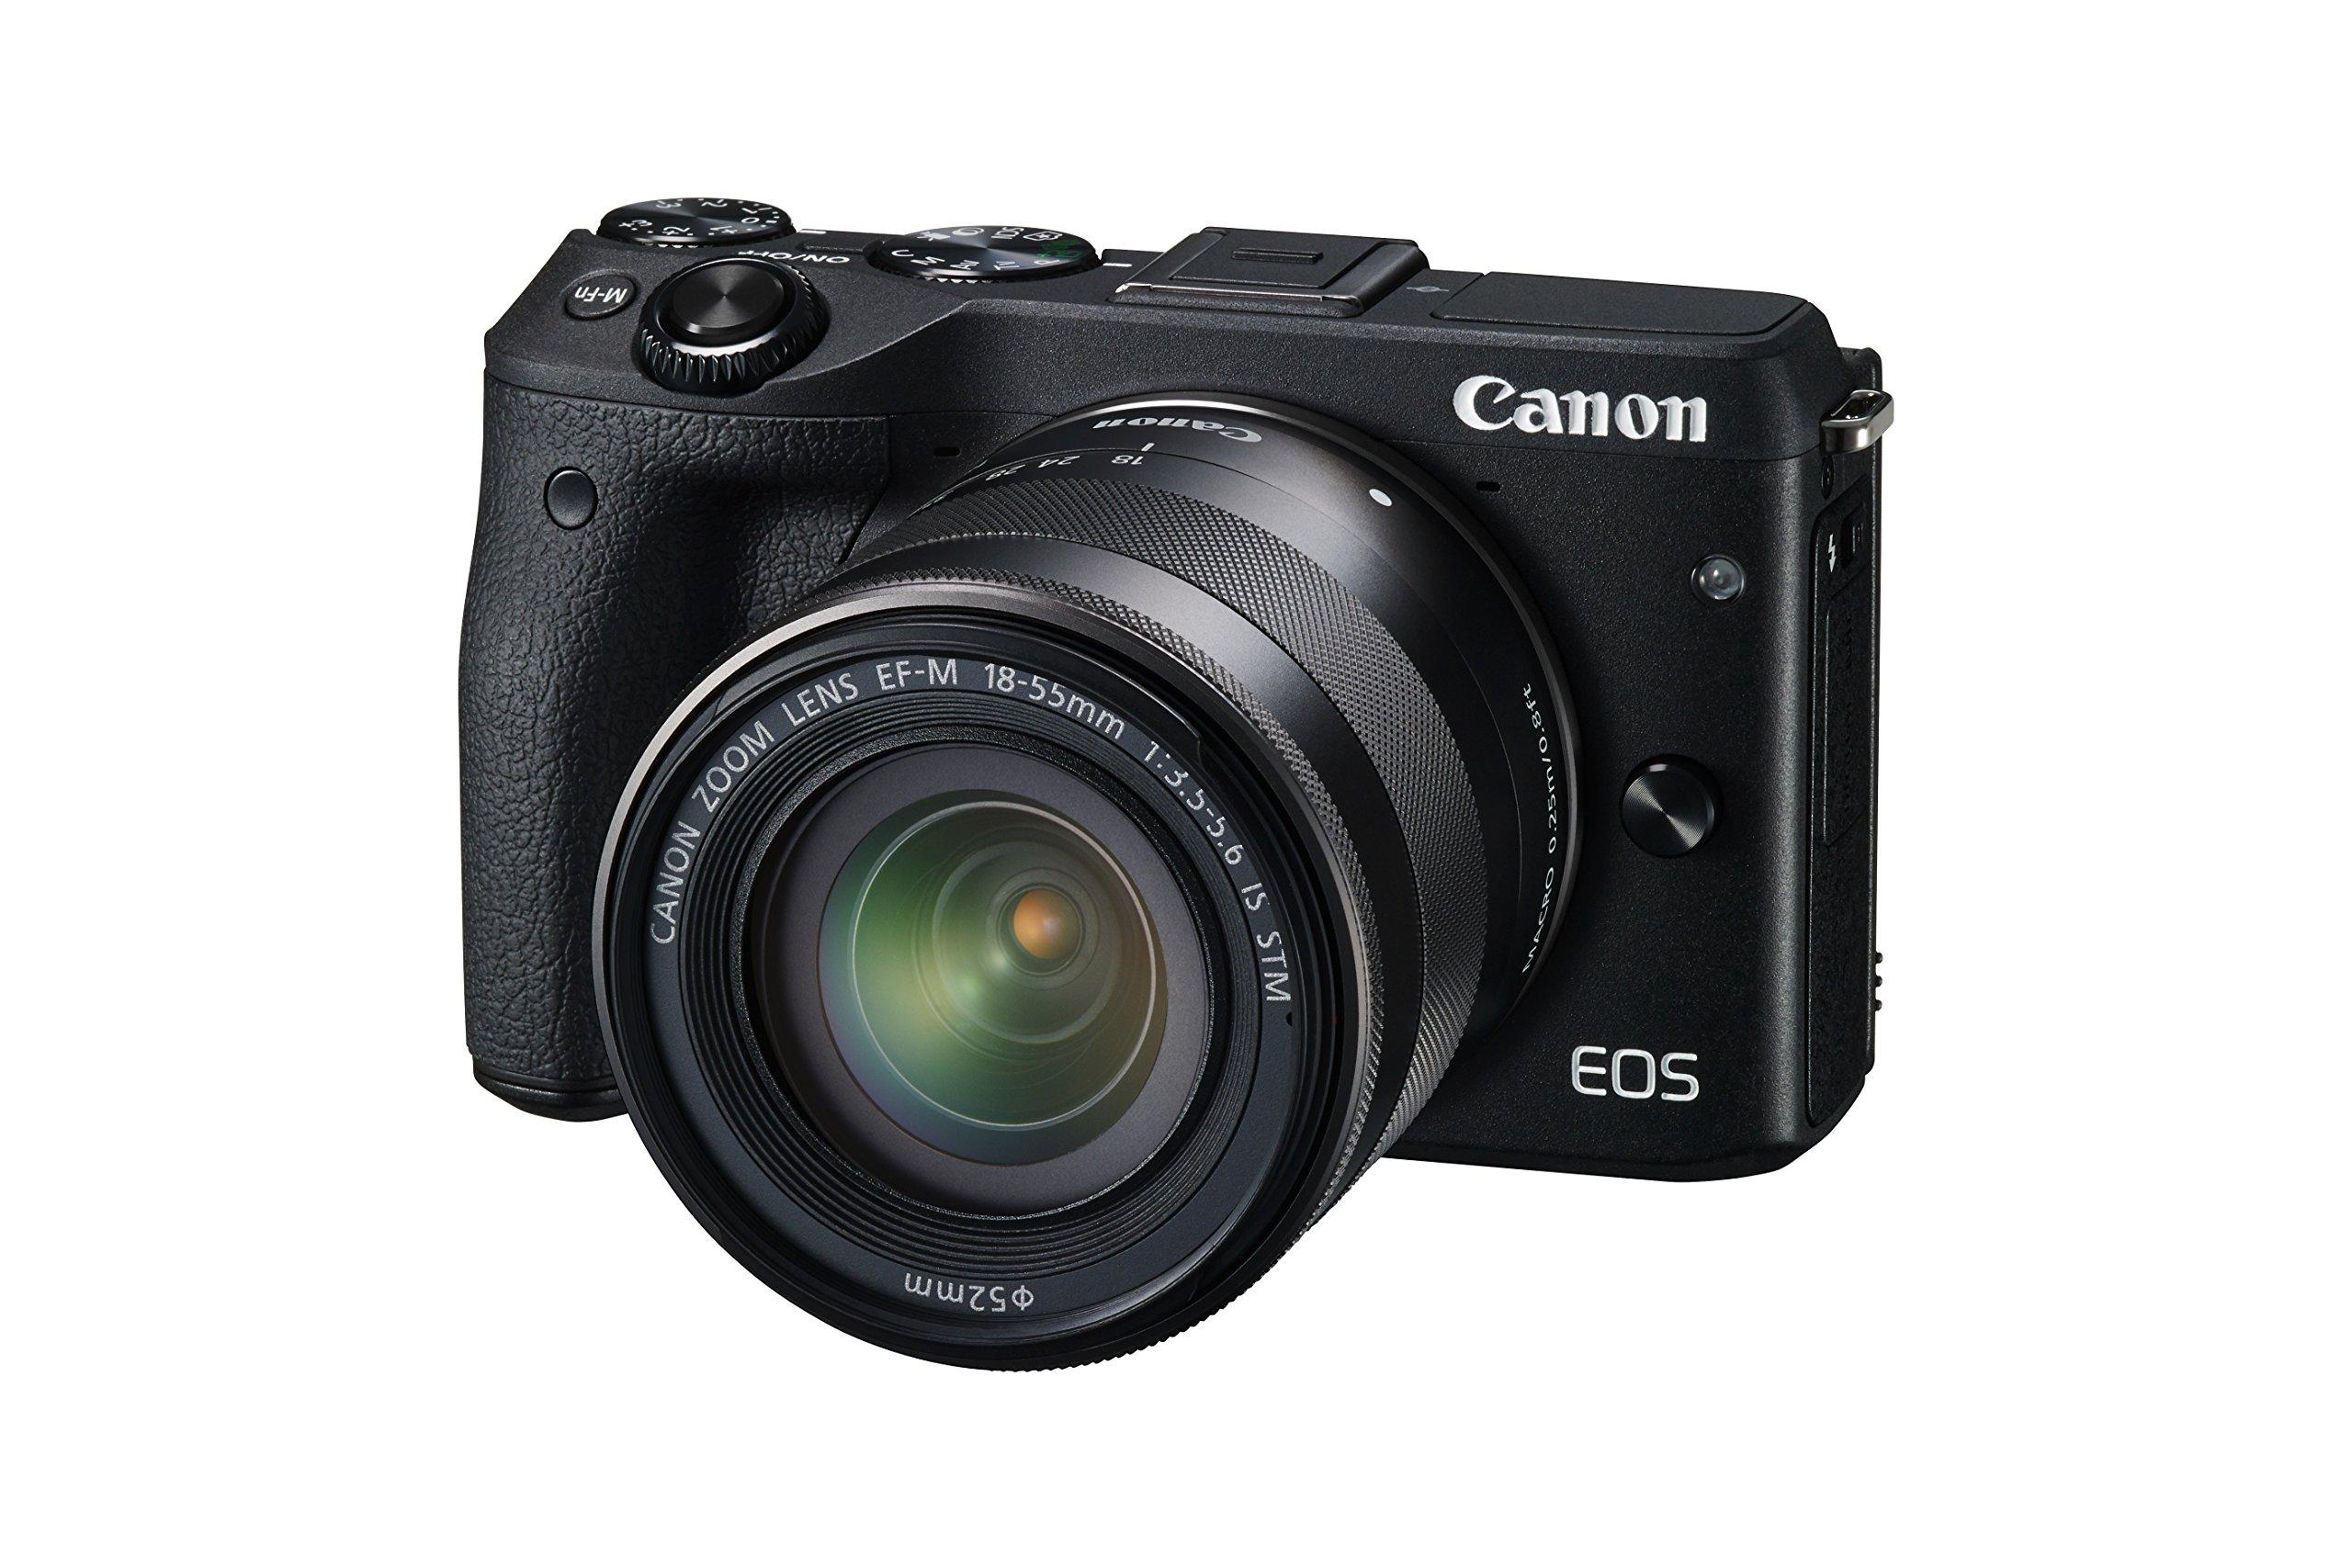 Canon EOS M3 Kit Fotocamera Mirrorless da 24 Megapixel con Obiettivo EF-M 18-55 mm, View Finder, Mirino Elettronico EVF-DC1, Versione EU, Nero product image